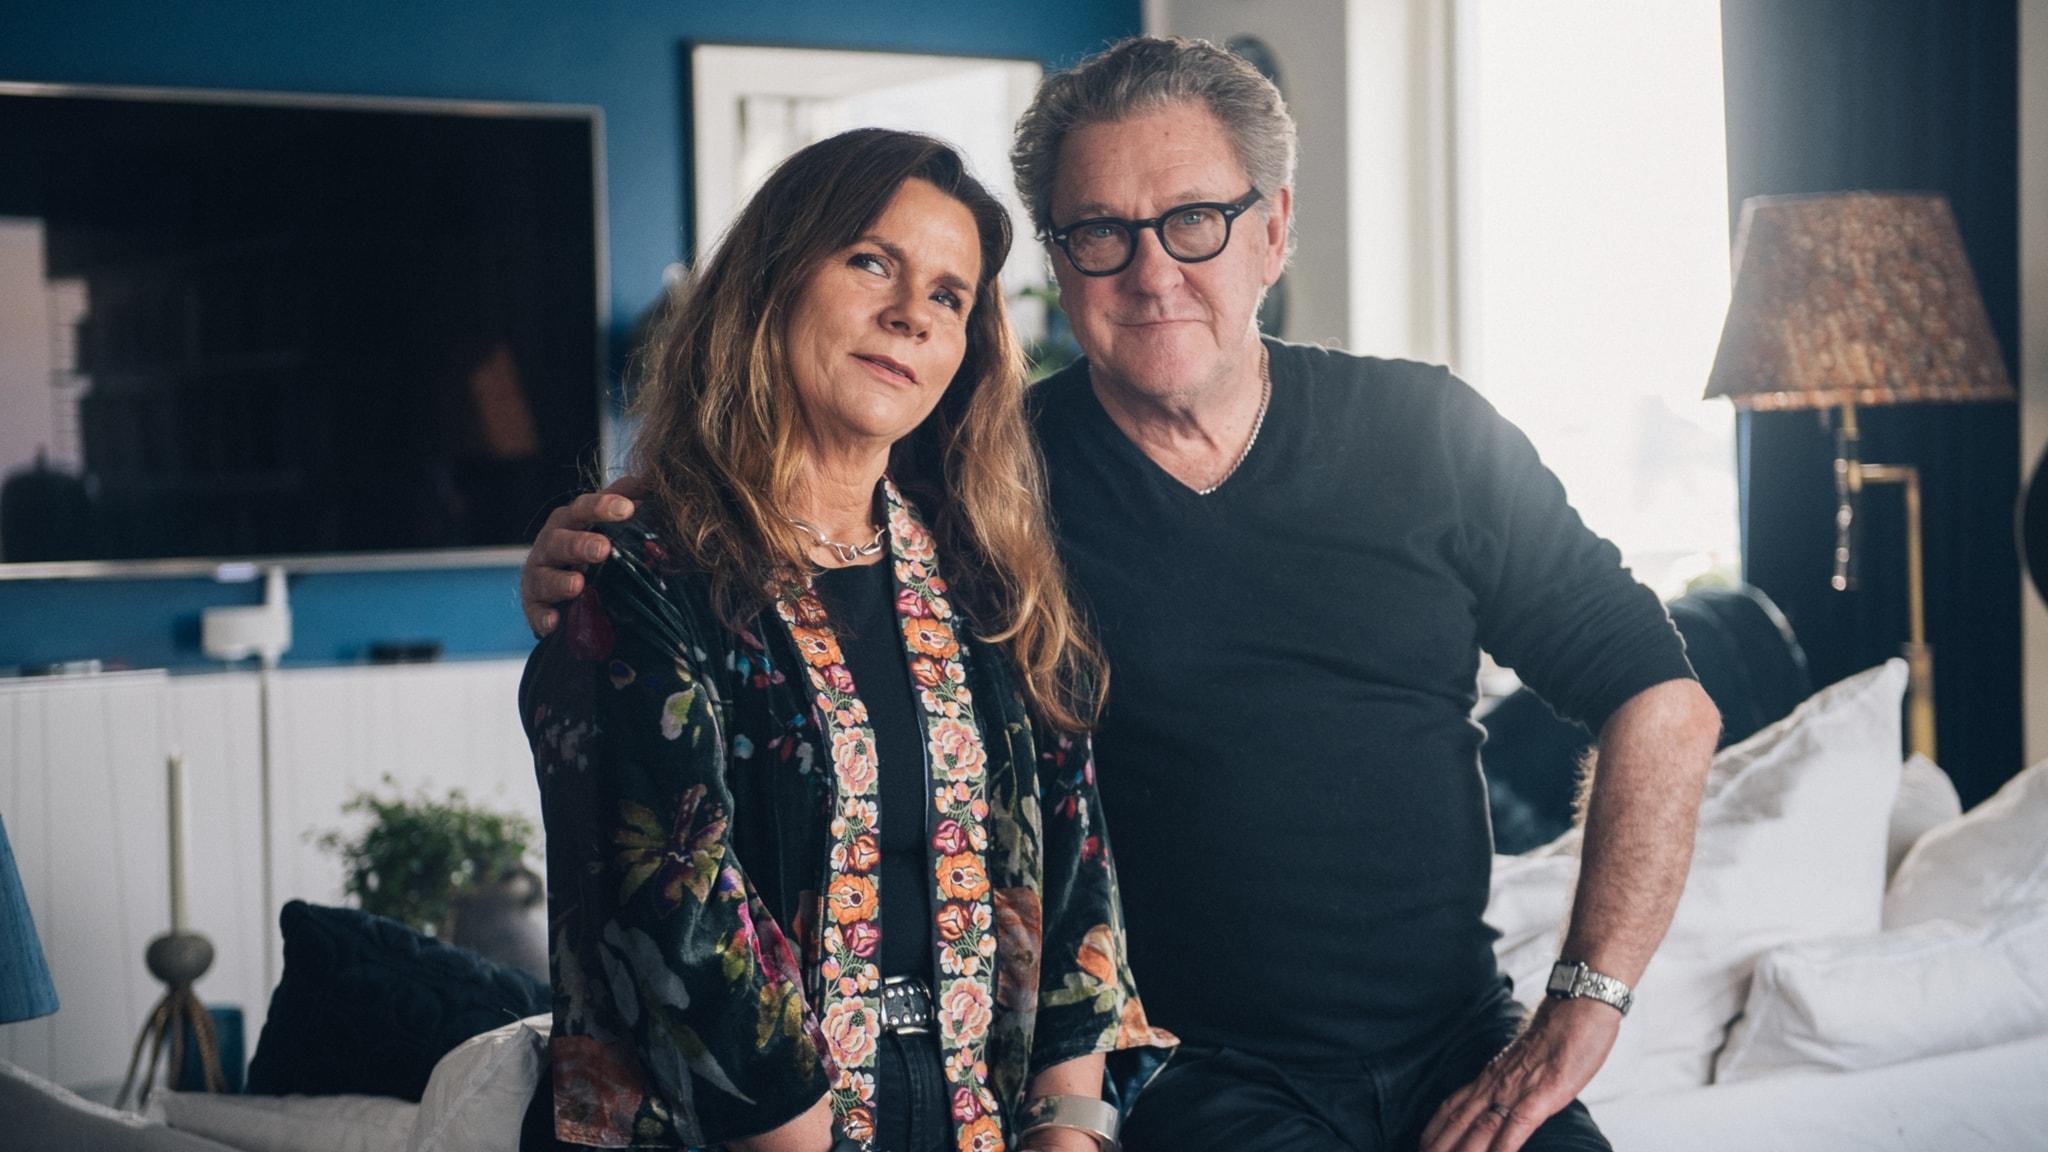 Katarina Hahr möter artisten Tommy Körberg i ett samtal om tillit